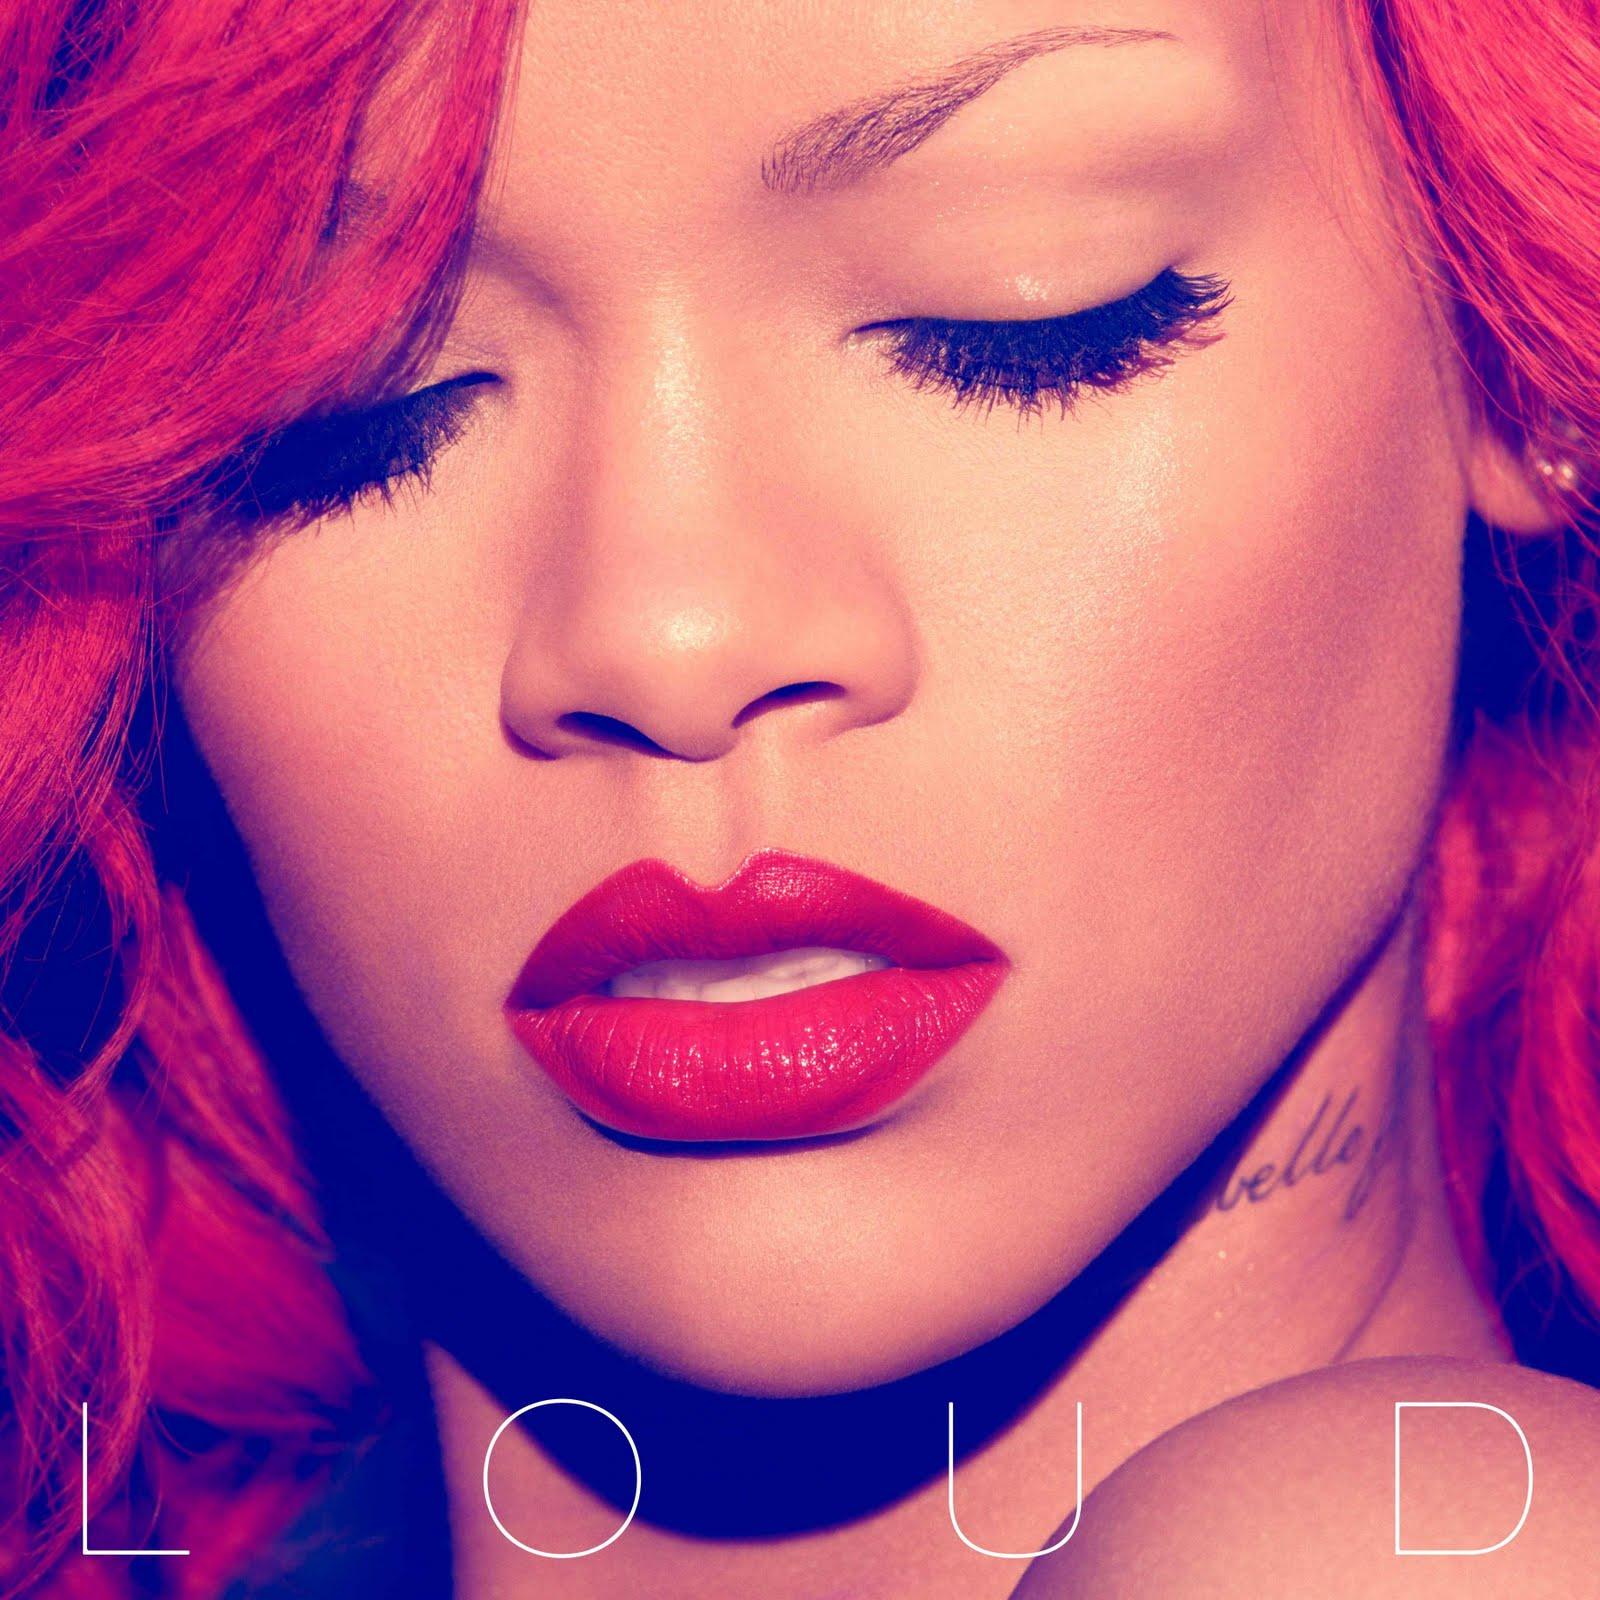 http://4.bp.blogspot.com/_fdfRpP2AbC4/TNS78H-5M2I/AAAAAAAAIkk/Dw9CnEjG-0g/s1600/lyricsvideoclips_Rihanna+-+S%26M.jpg